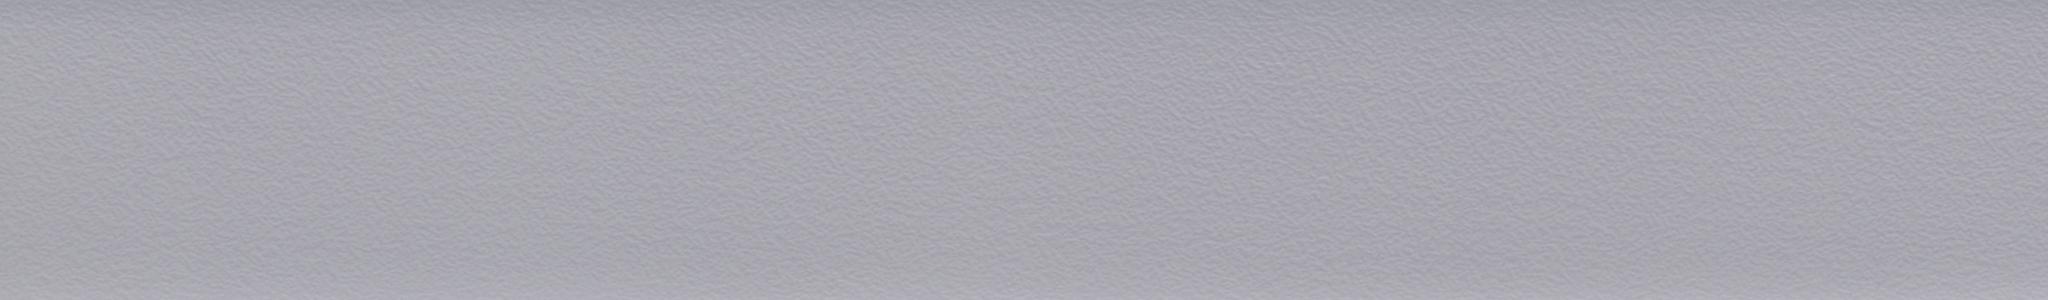 HU 157505 ABS hrana fialová perla XG